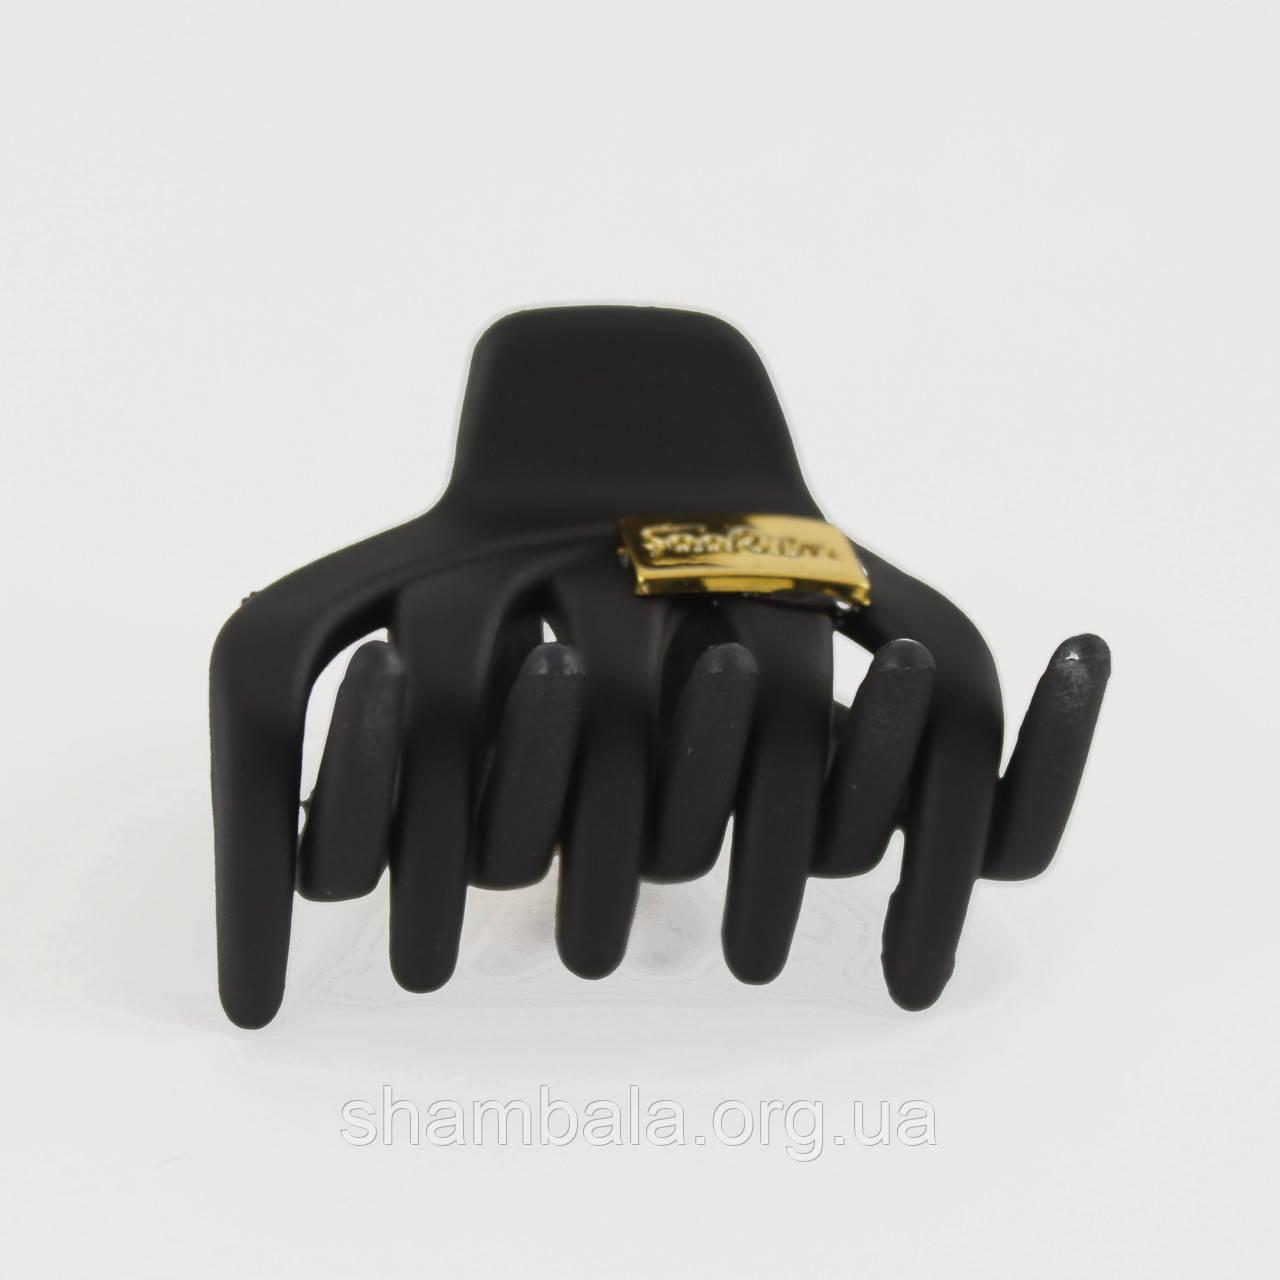 Шпилька Краб для волосся Чорна (08745)